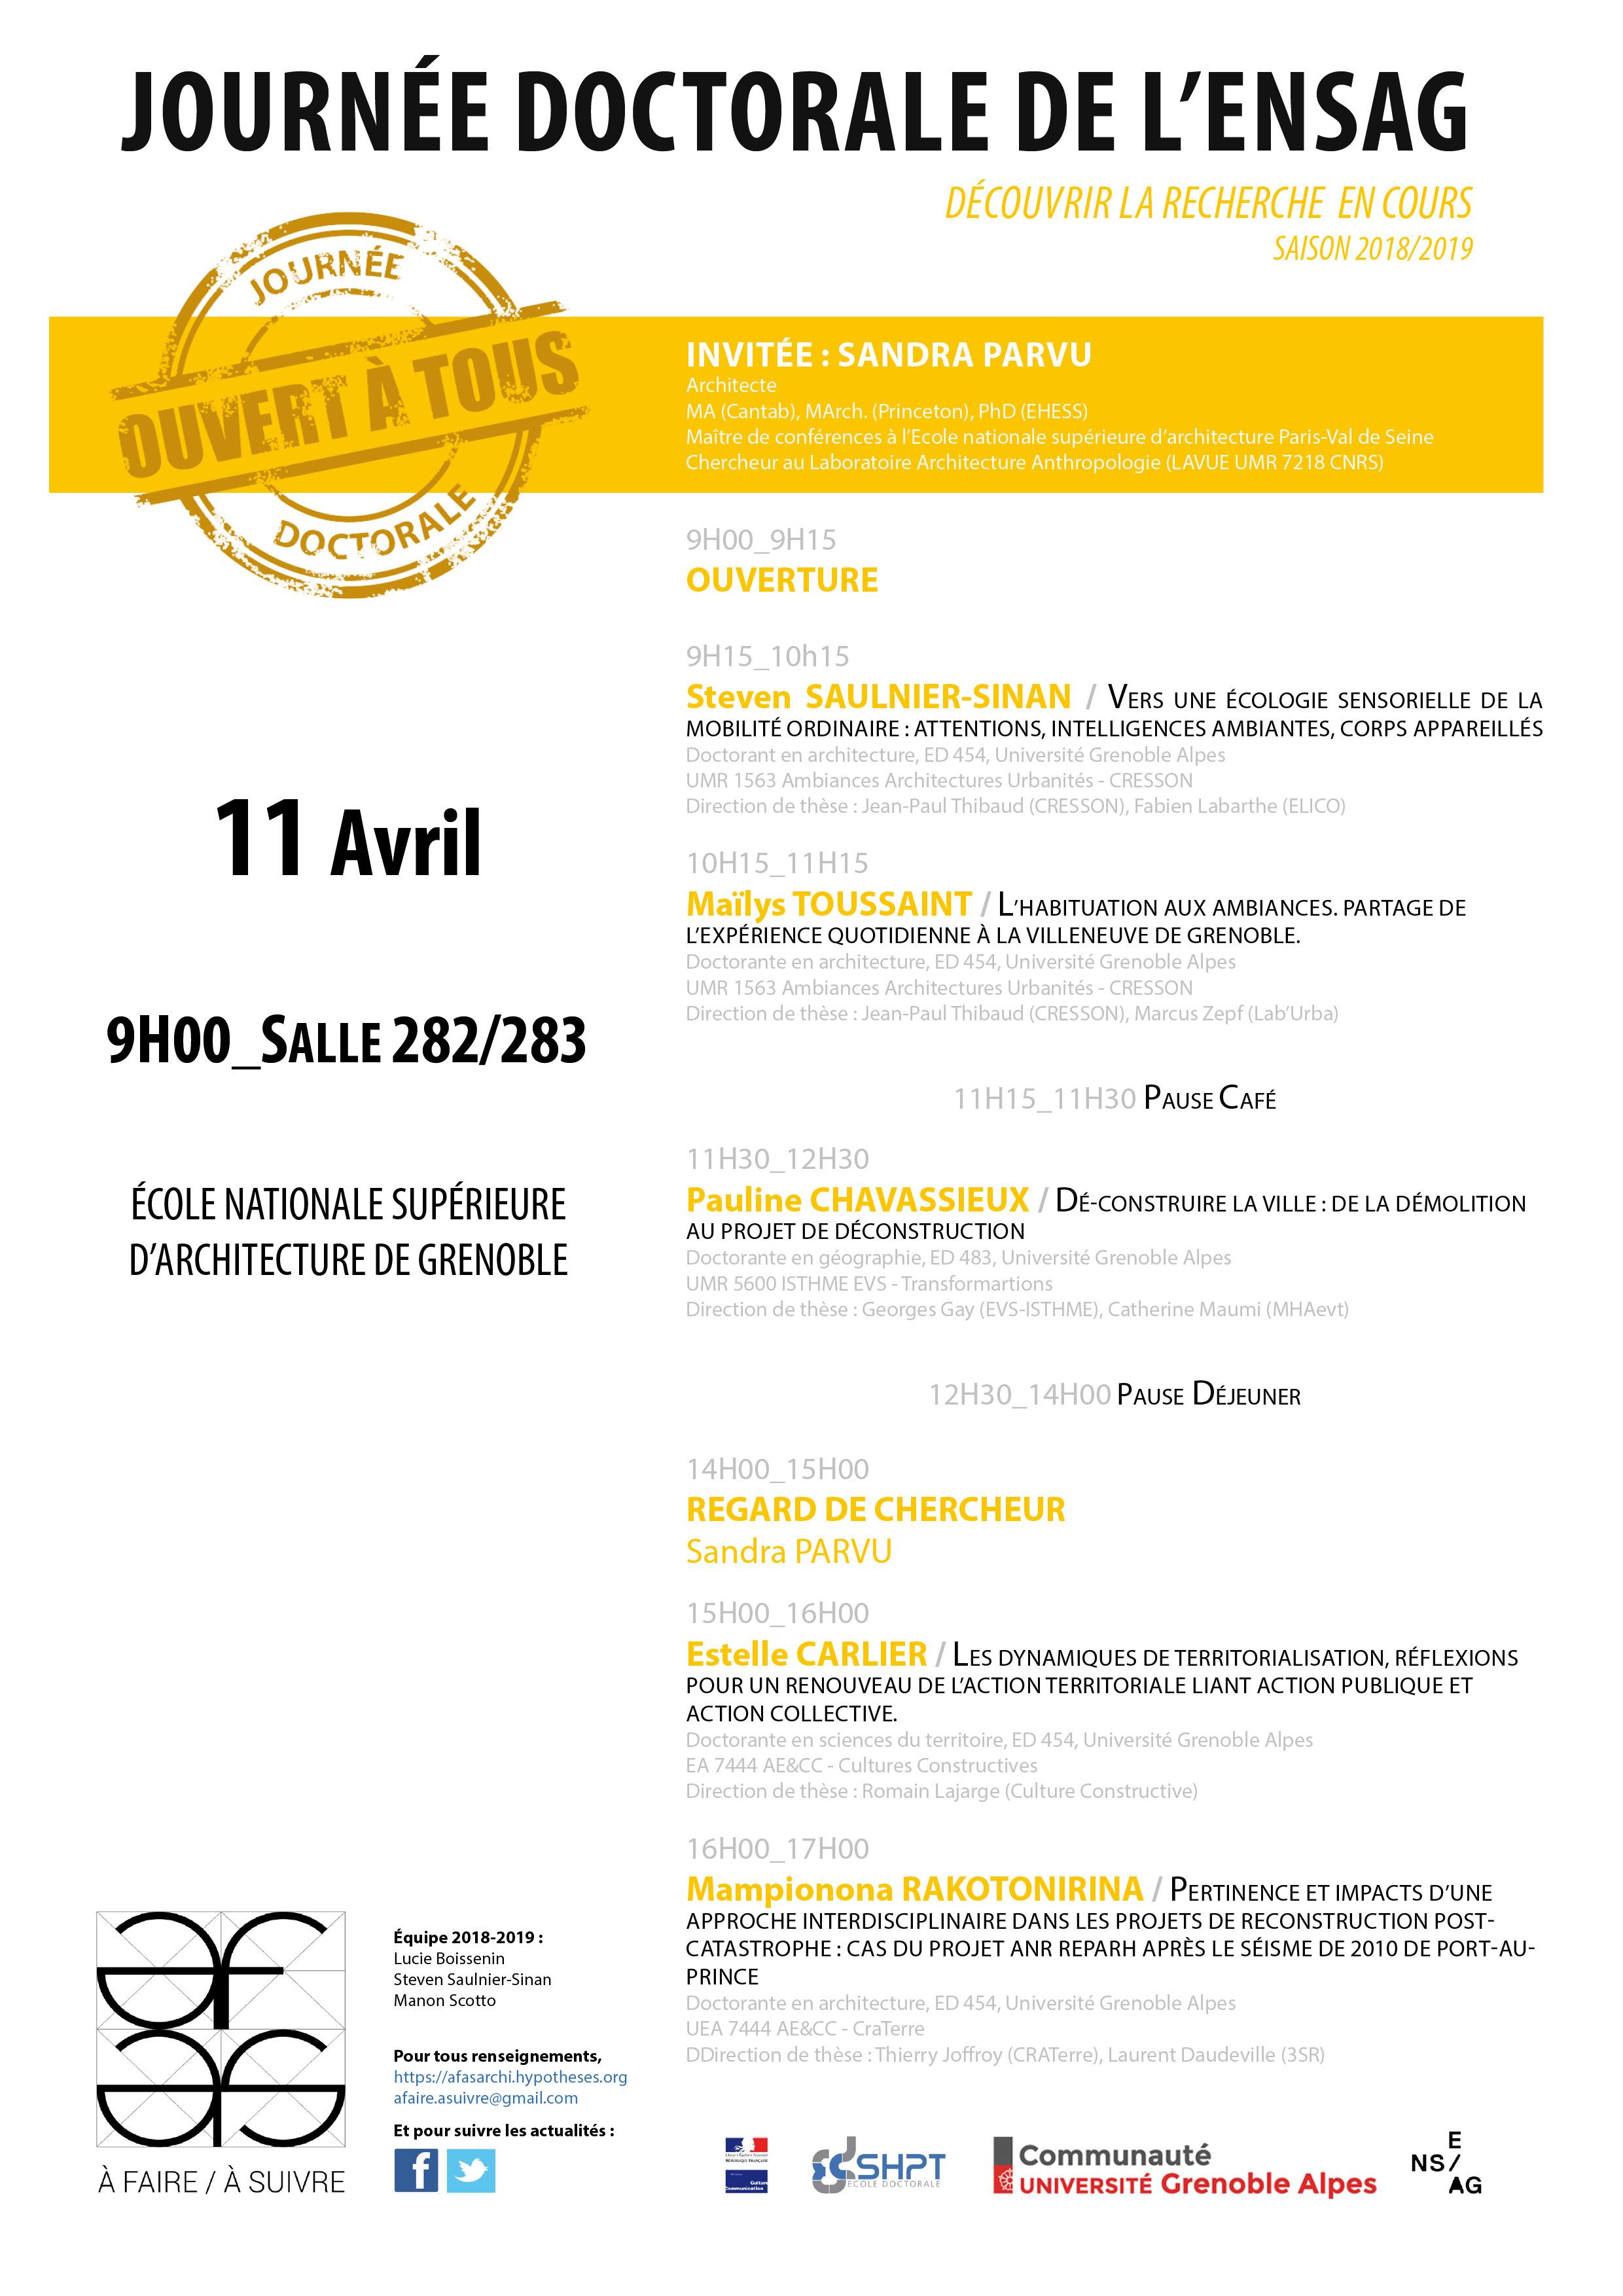 programme de la journée doctorale